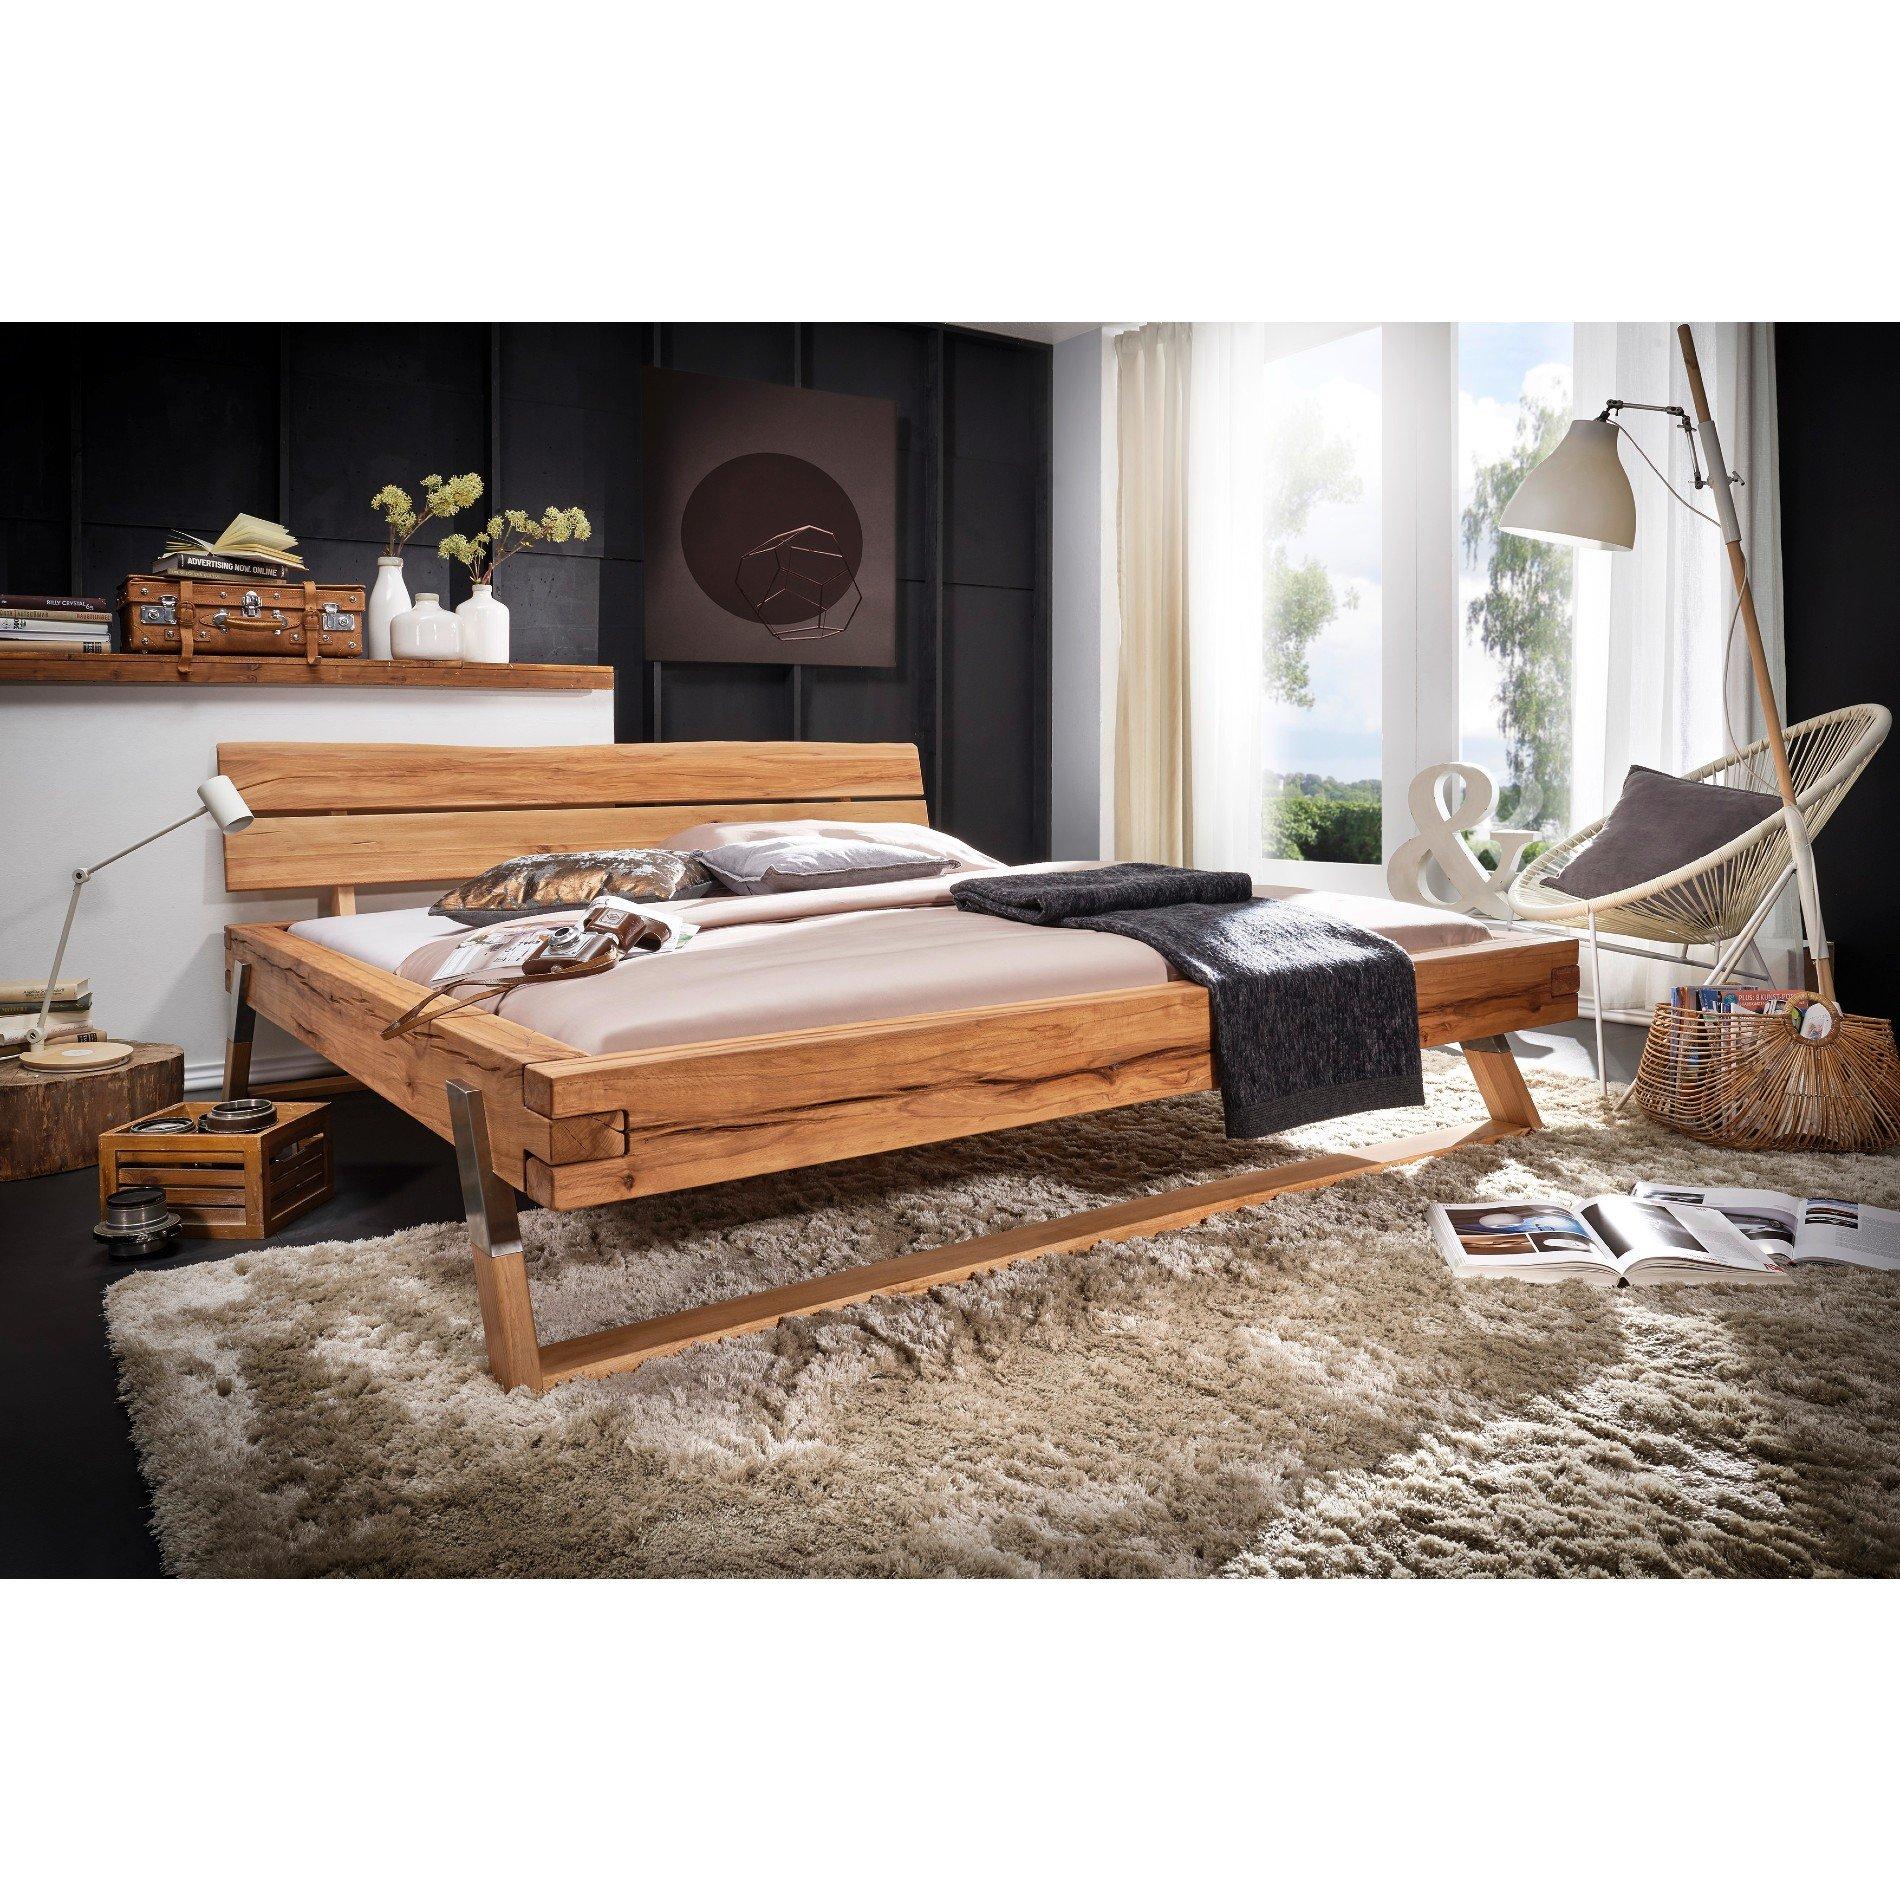 Full Size of Wildeiche Bett Trendstore Gerold Luxus Chesterfield Cars 140 160x200 Günstige Betten 140x200 180x200 Schwarz Konfigurieren Ebay Sofa Mit Bettkasten Podest Bett Wildeiche Bett